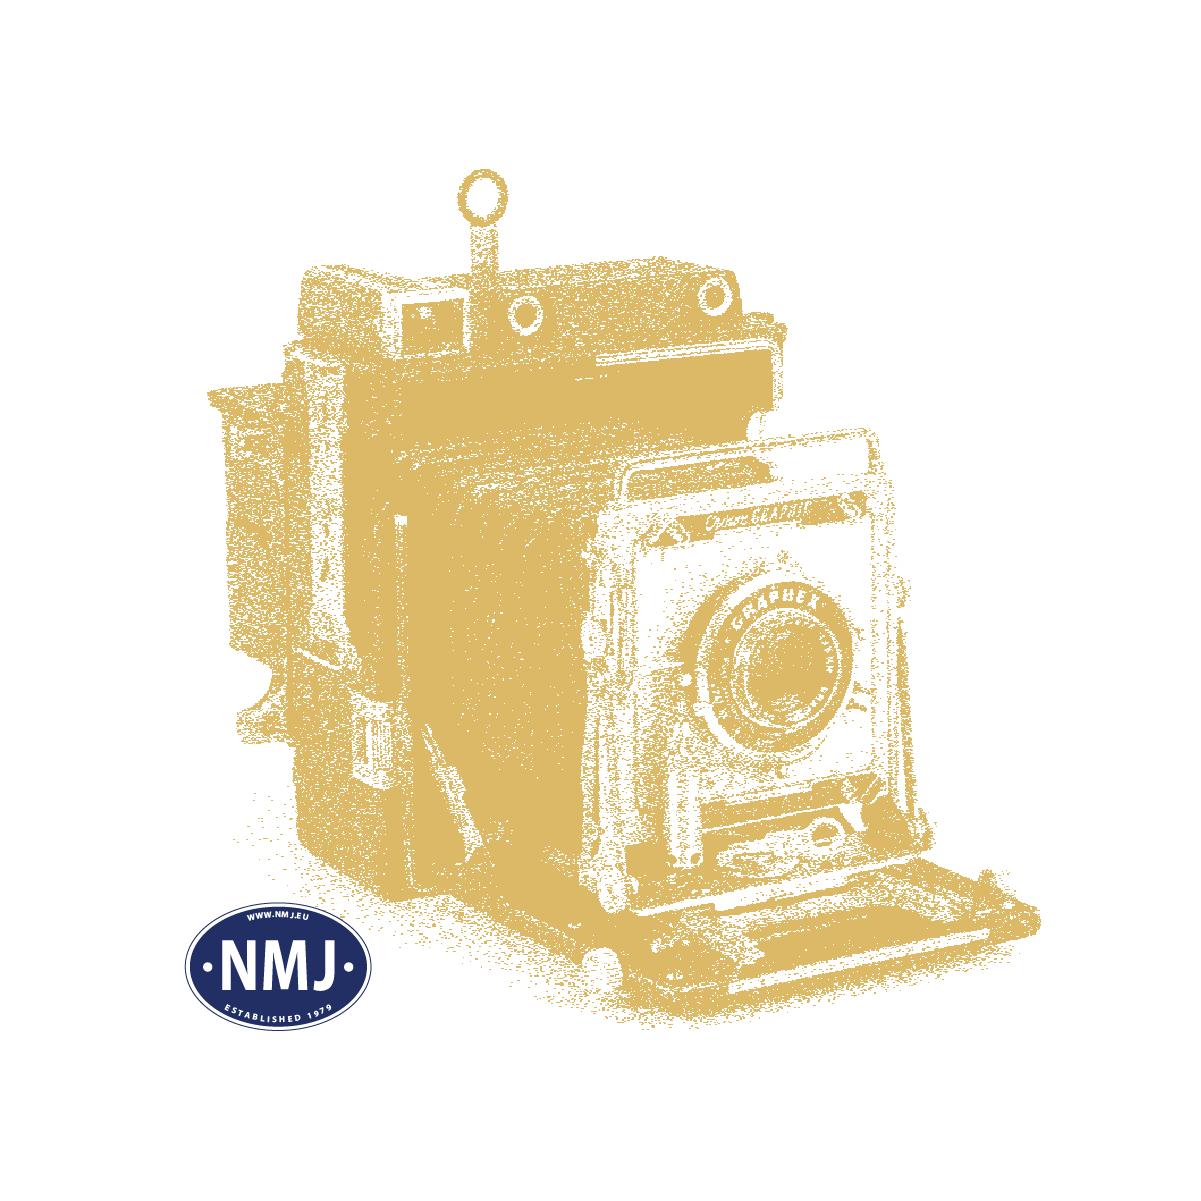 NMJT504.303 - NMJ Topline NSB G5 44252